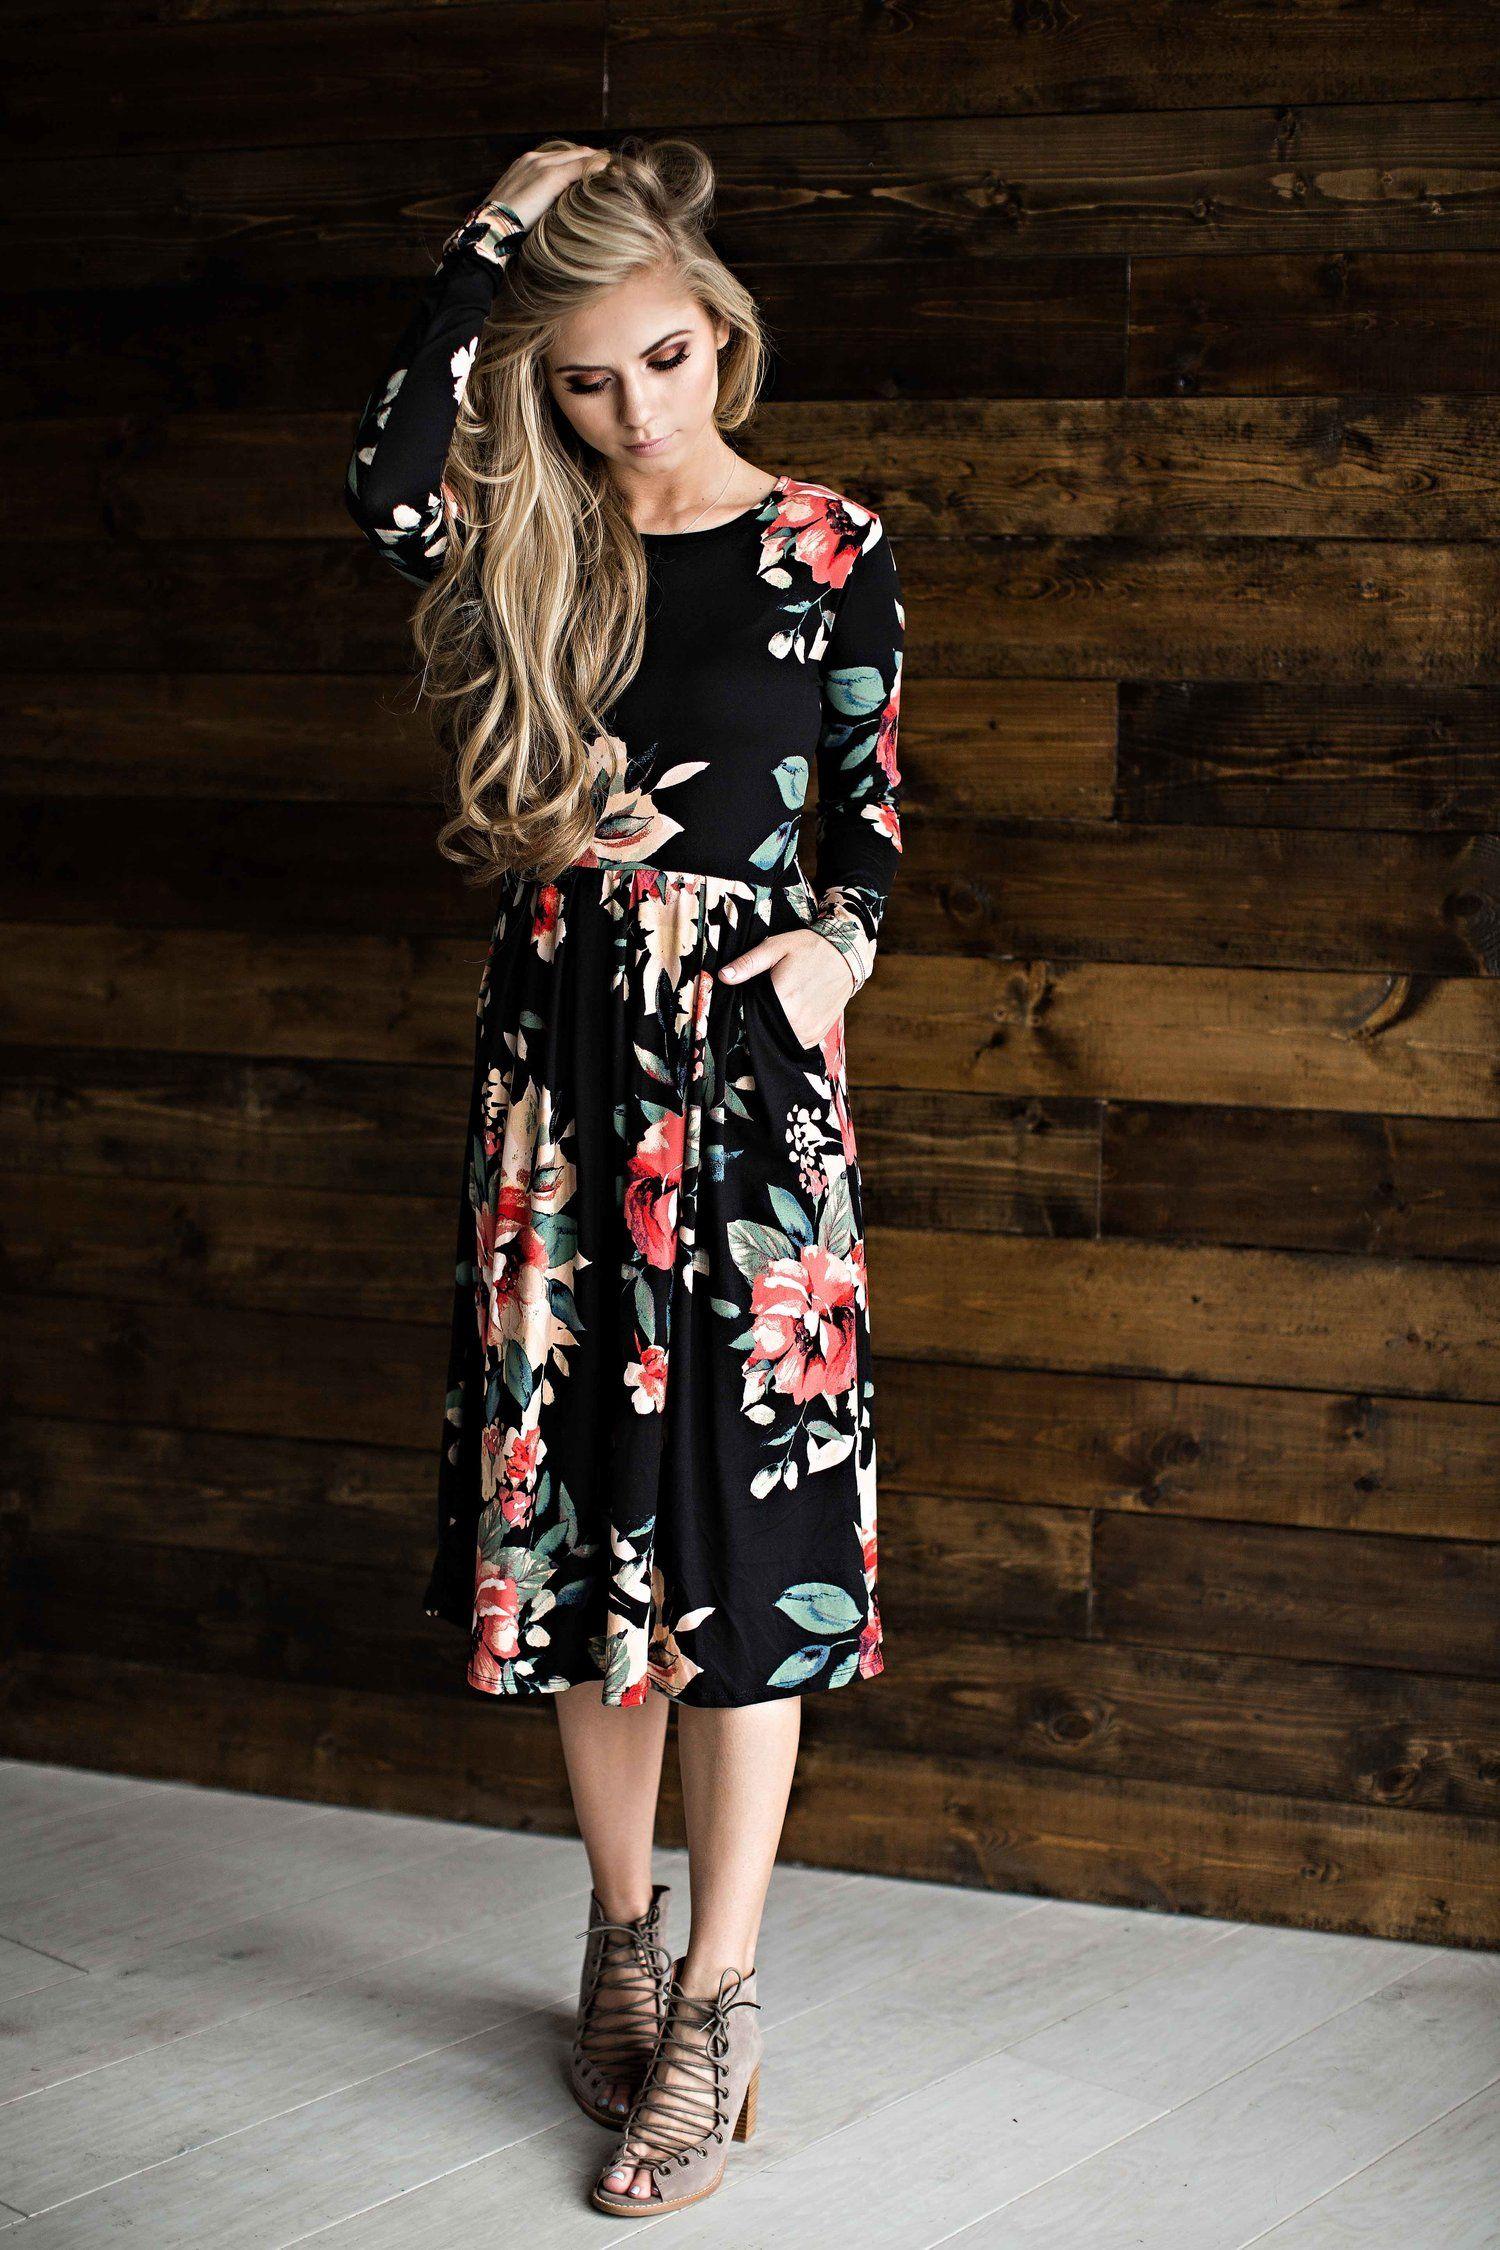 b0beef55a4d floral dress